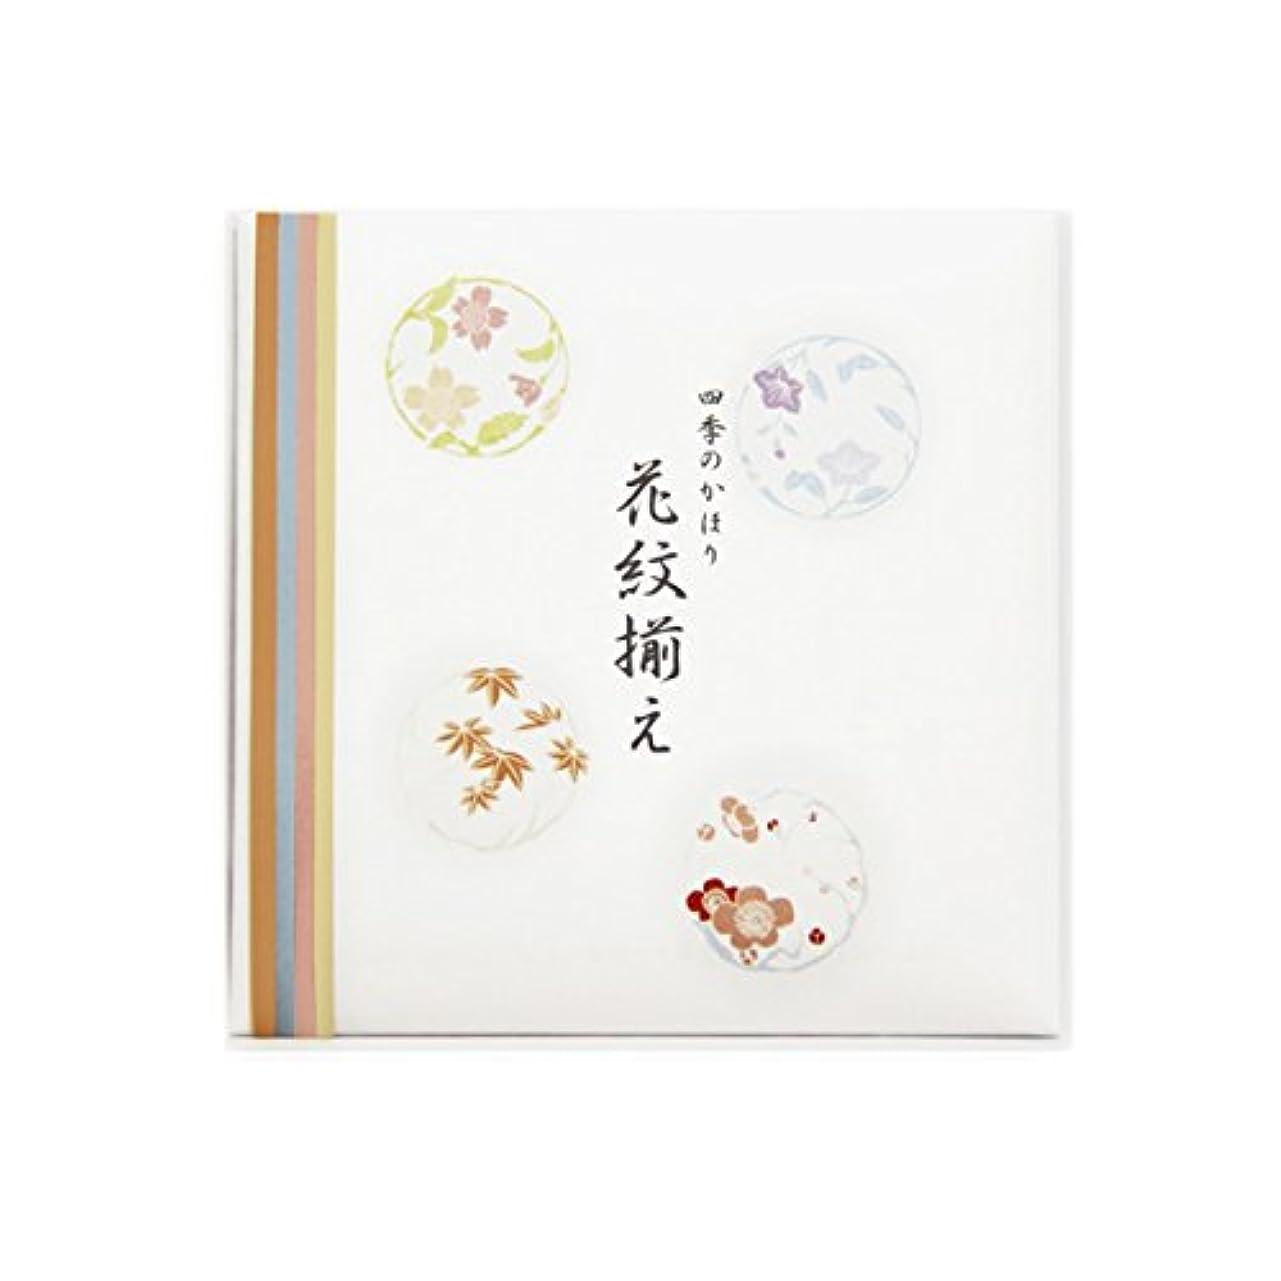 認識合法レンチ四季の香り 花紋揃え スティック4種各4本入